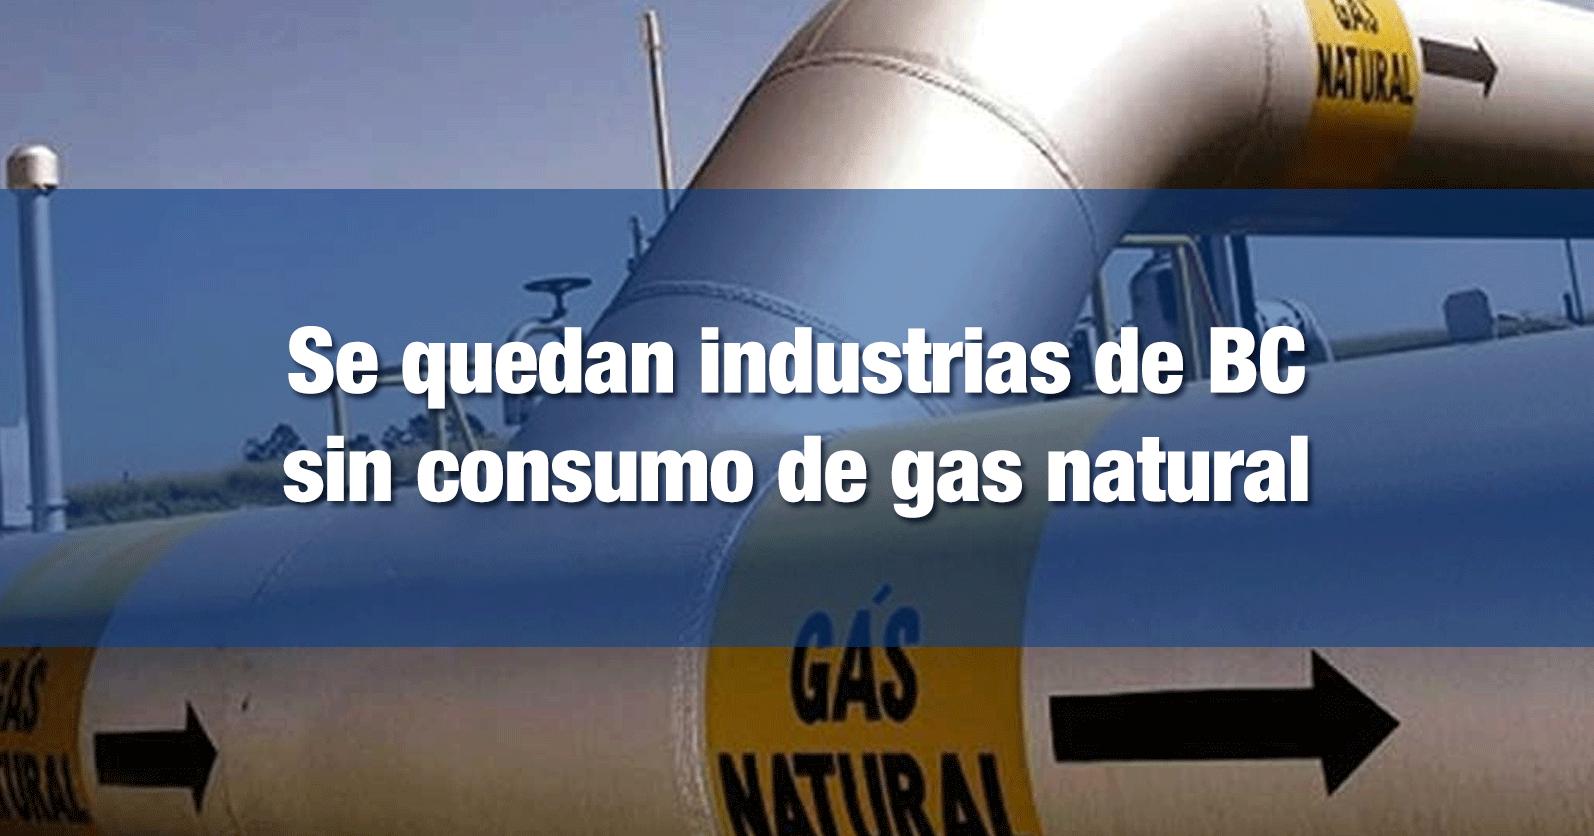 Se quedan industrias de BC sin consumo de gas natural